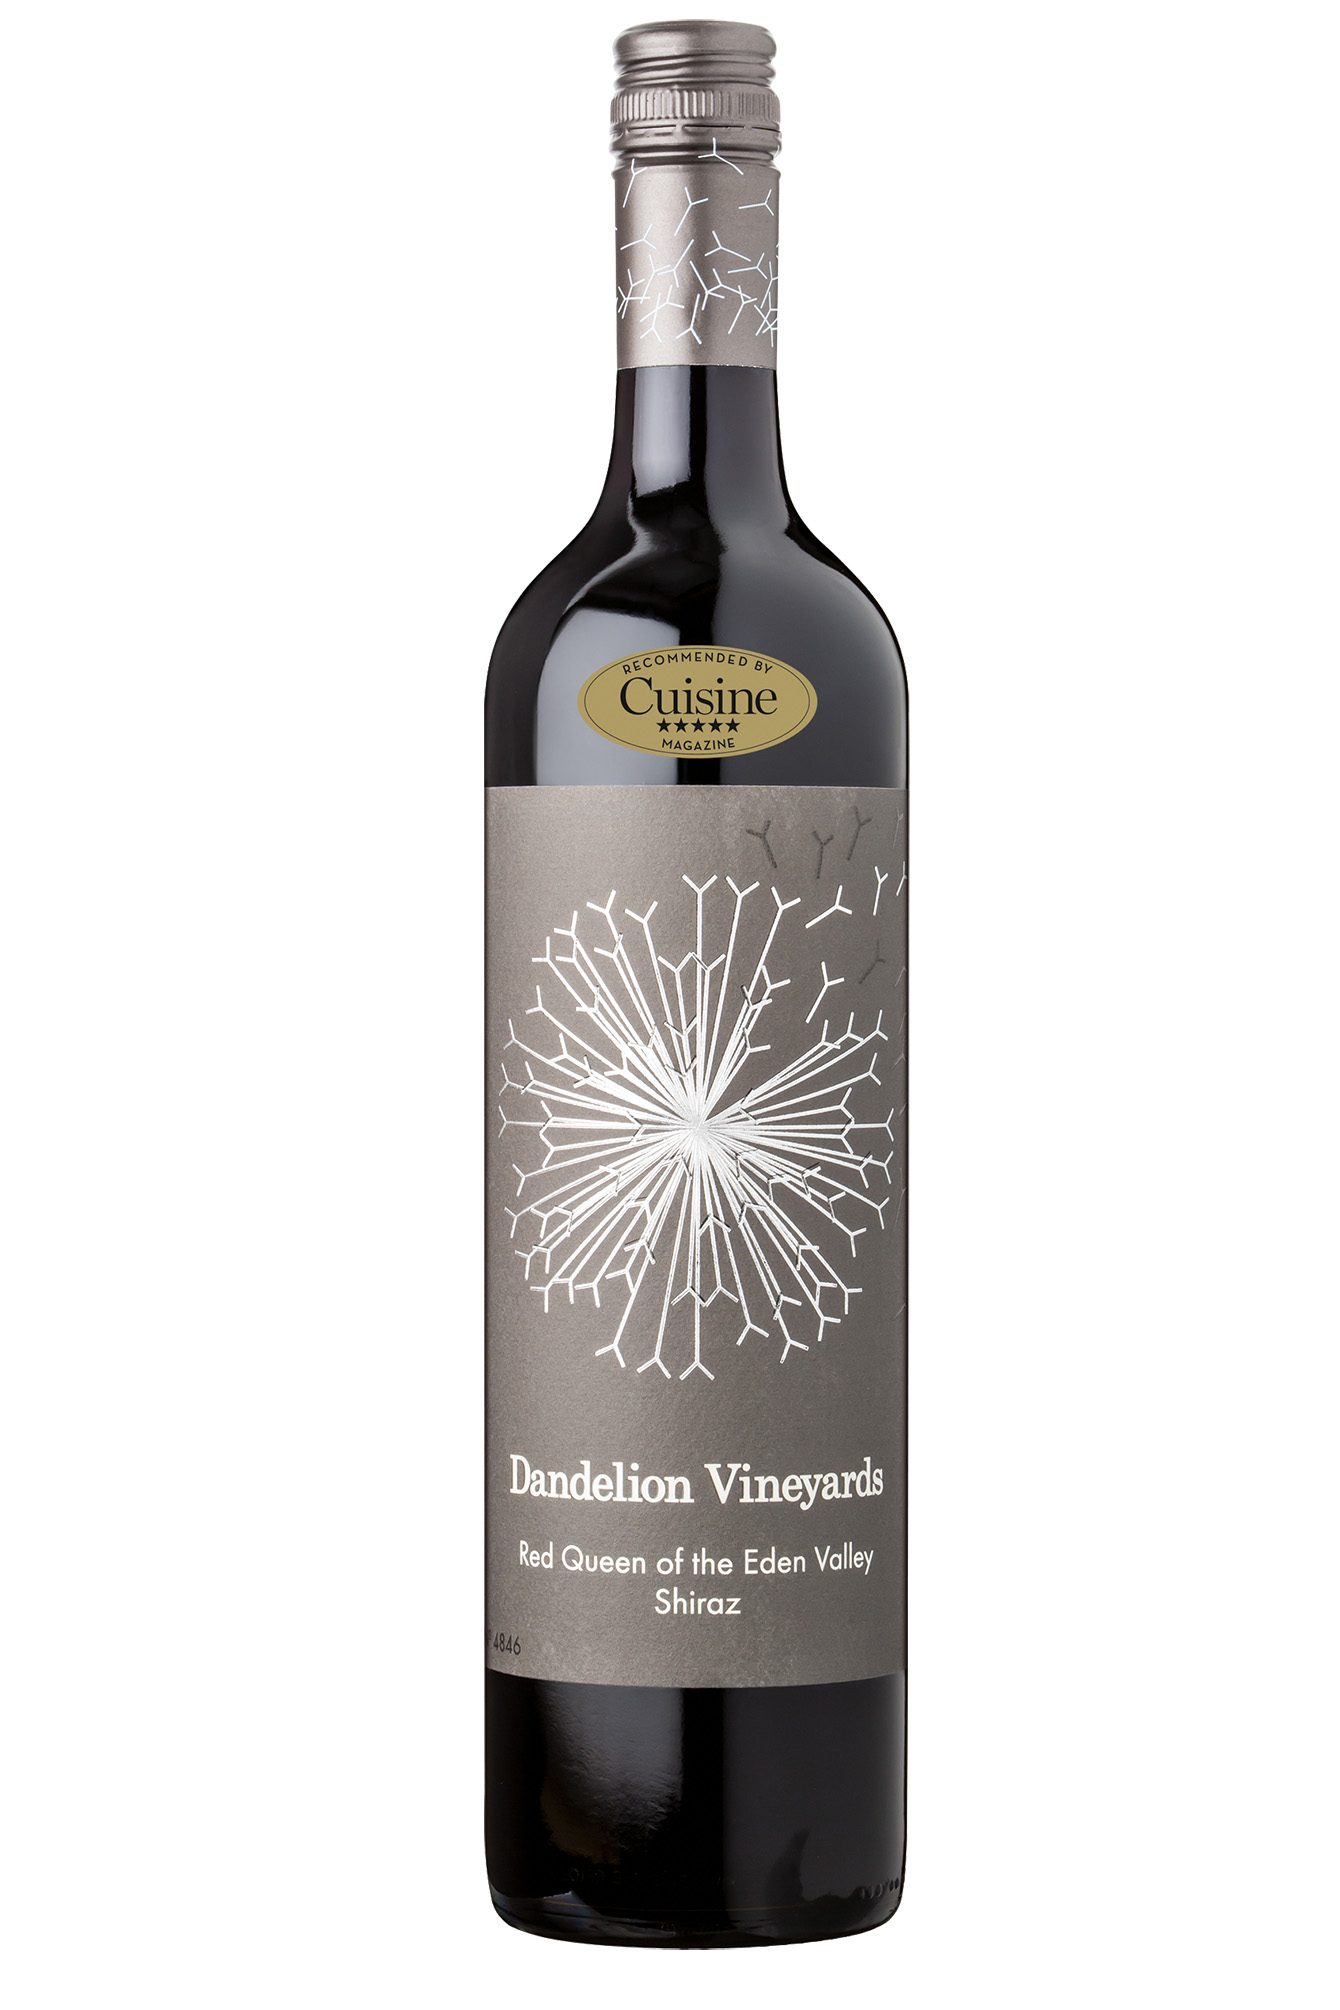 Dandelion Vineyards Red Queen of the Eden Valley Shiraz 2018